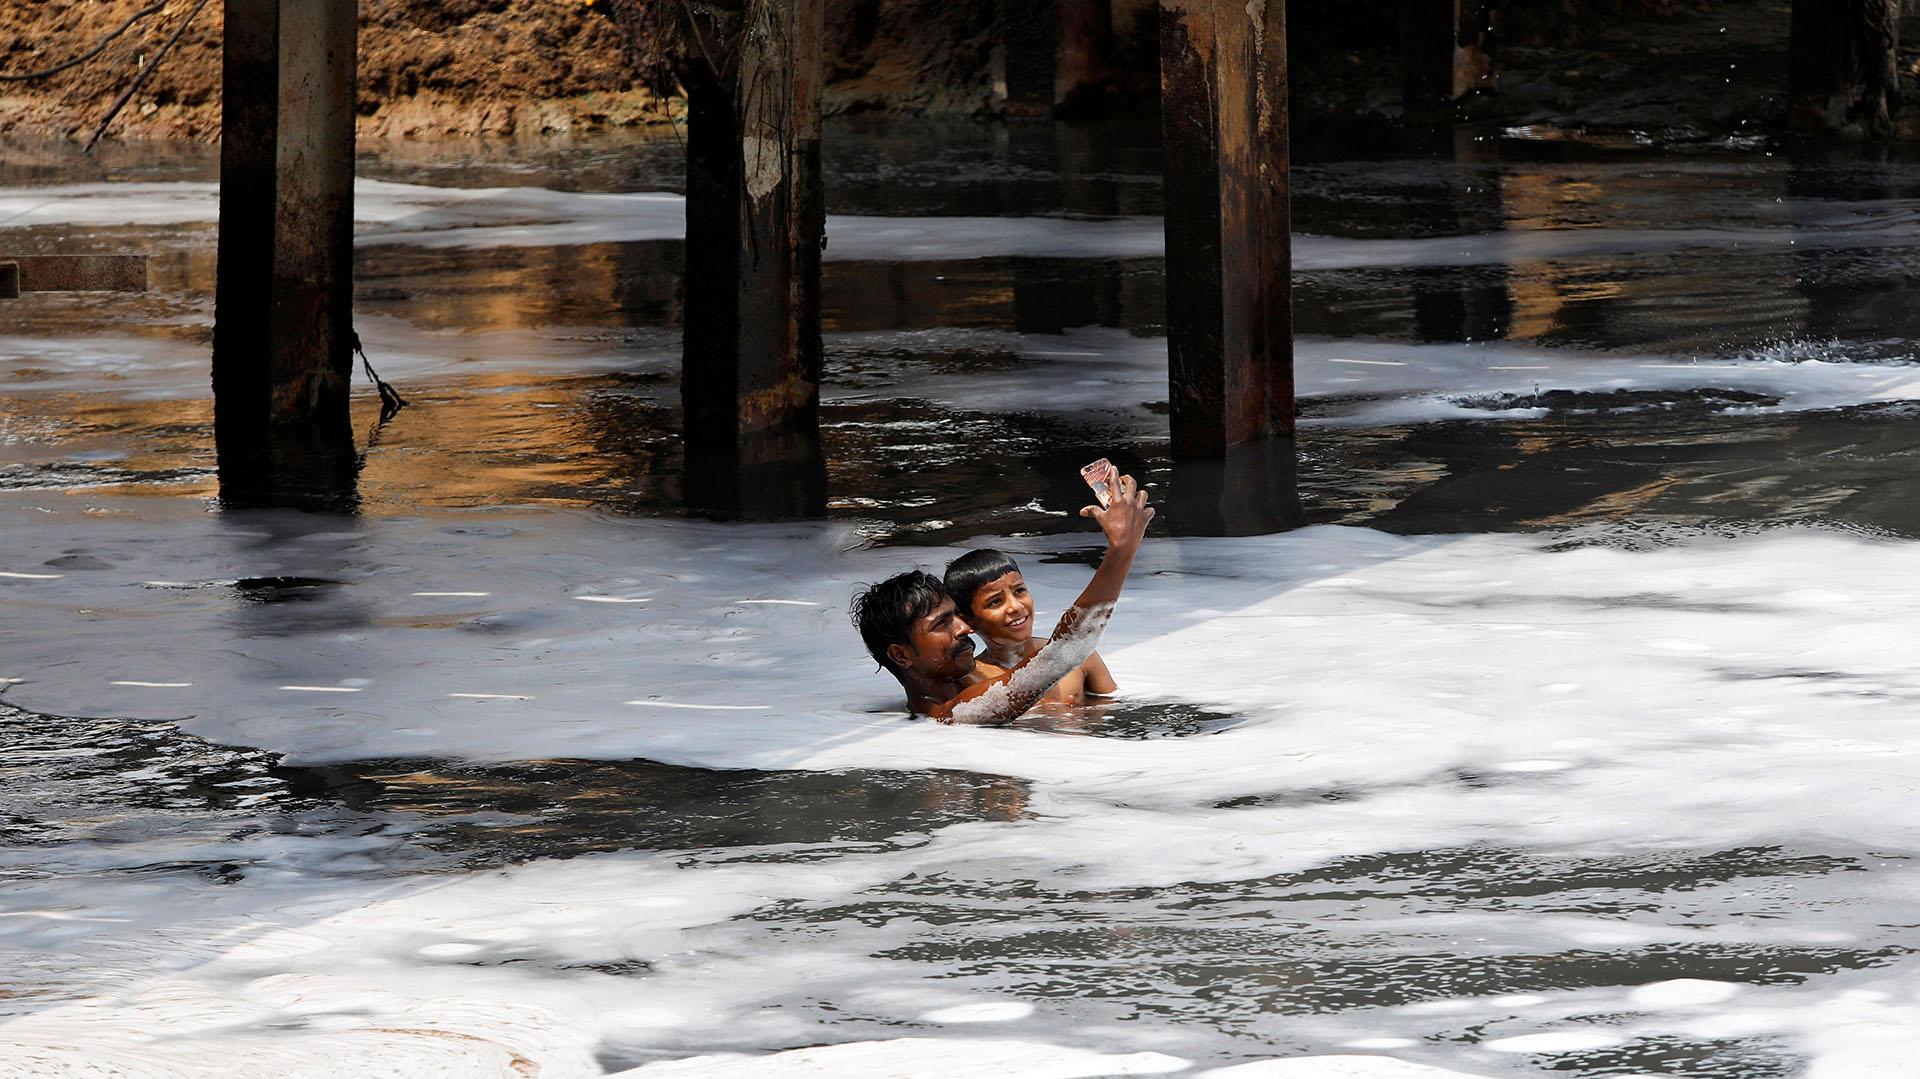 Un hombre y un niño sonríen para unafoto mientras nadan en las contaminadas aguas del Río YamunaenNueva Delhi, India (REUTERS/Saumya Khandelwal)